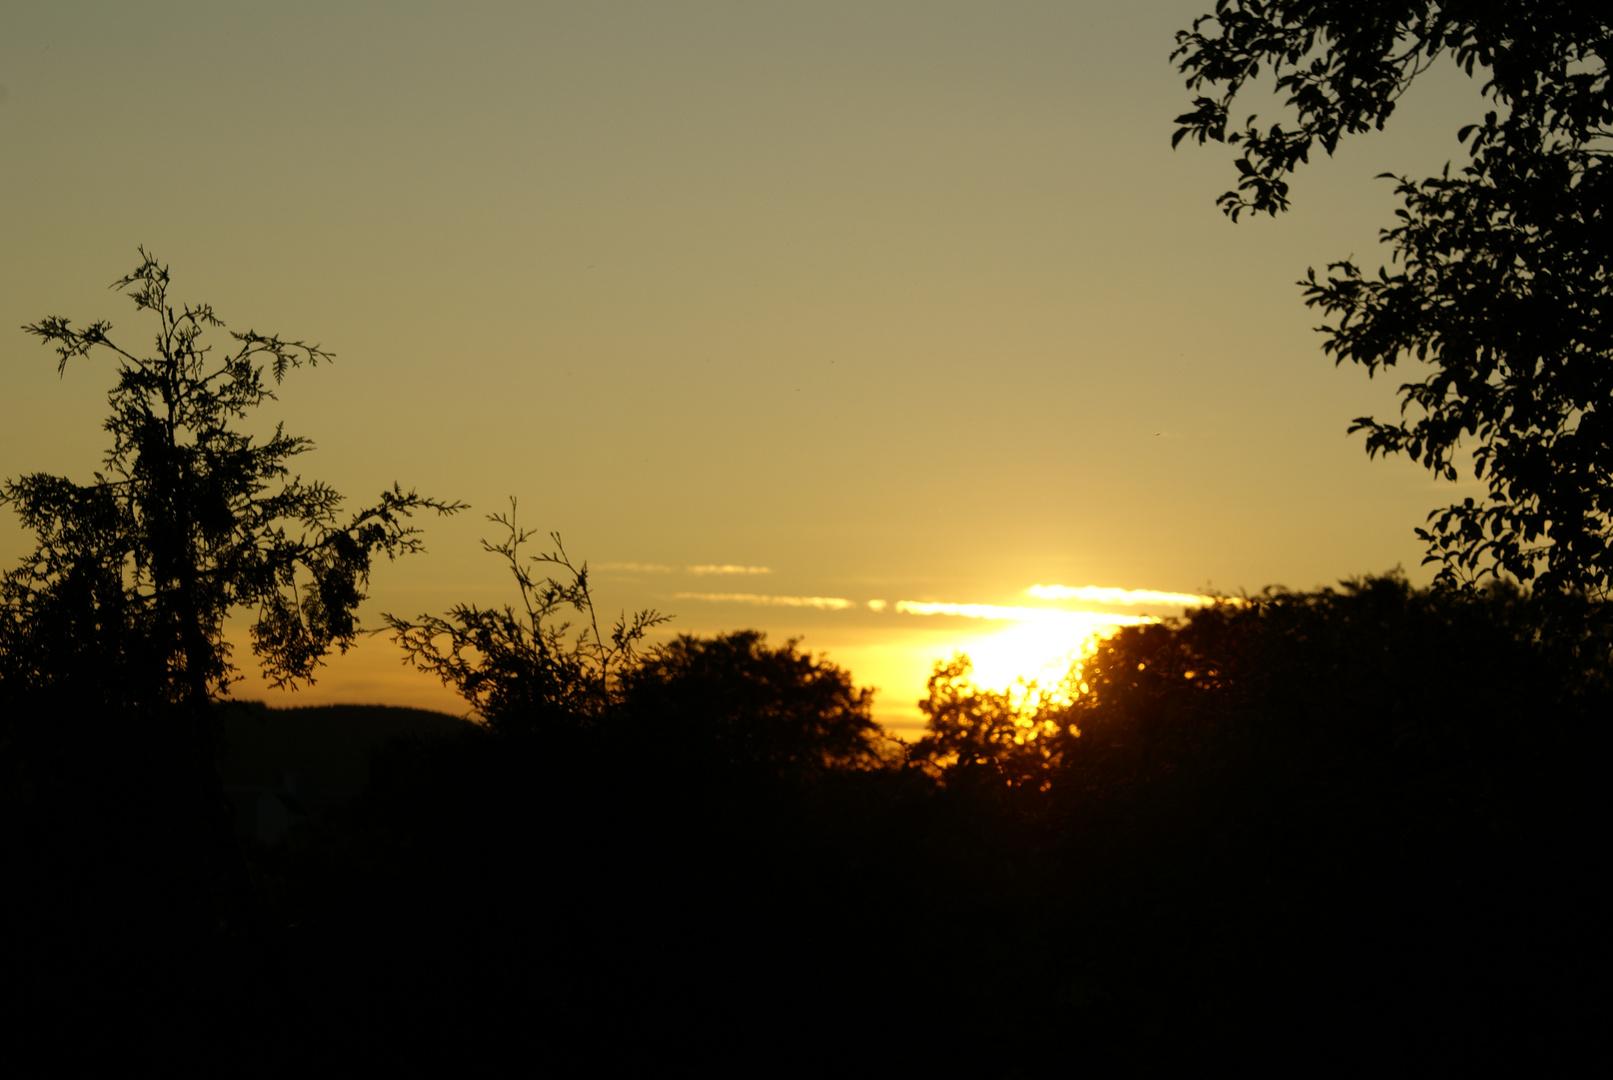 schon wieder Sonne ;)